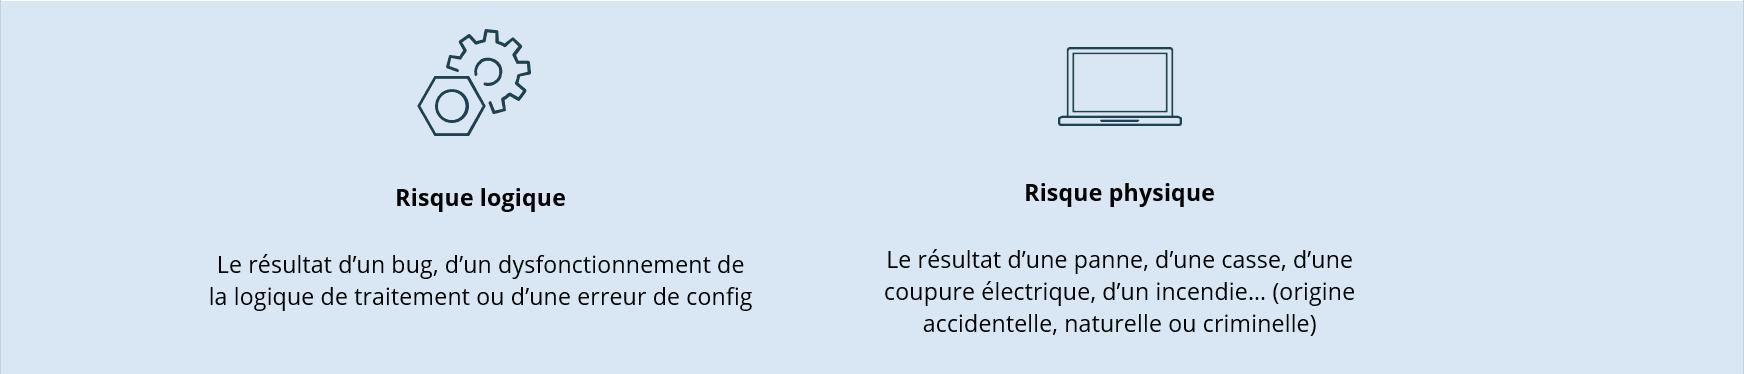 risque logique physique